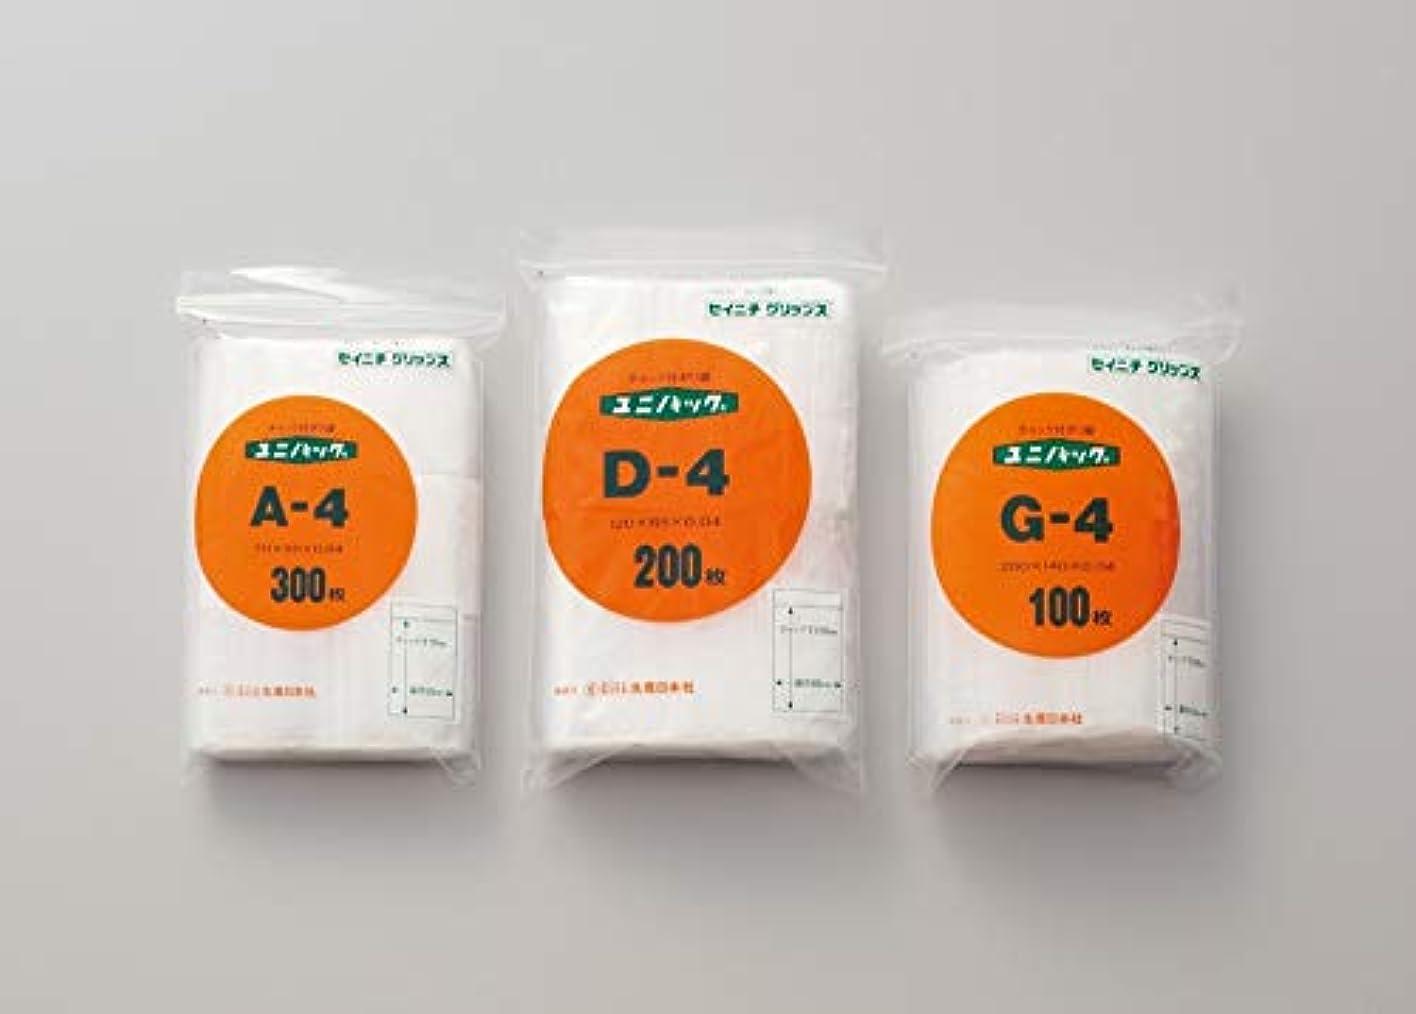 としてシプリー壁紙ユニパック SL-4 100枚入 単位:100枚入/袋